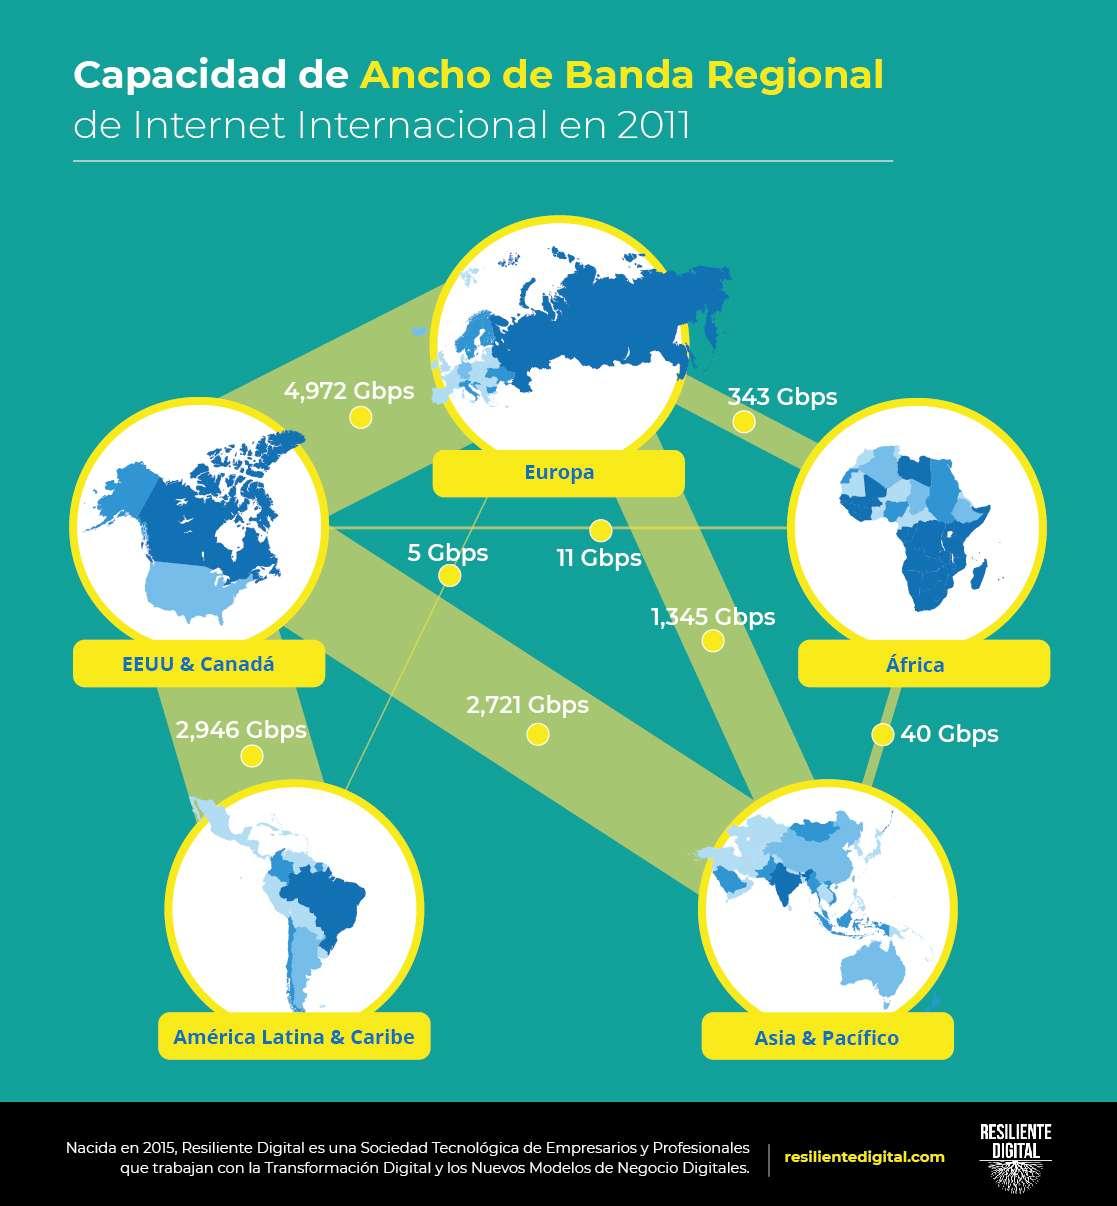 Capacidad de ancho de banda regional de Internet internacional en 2011